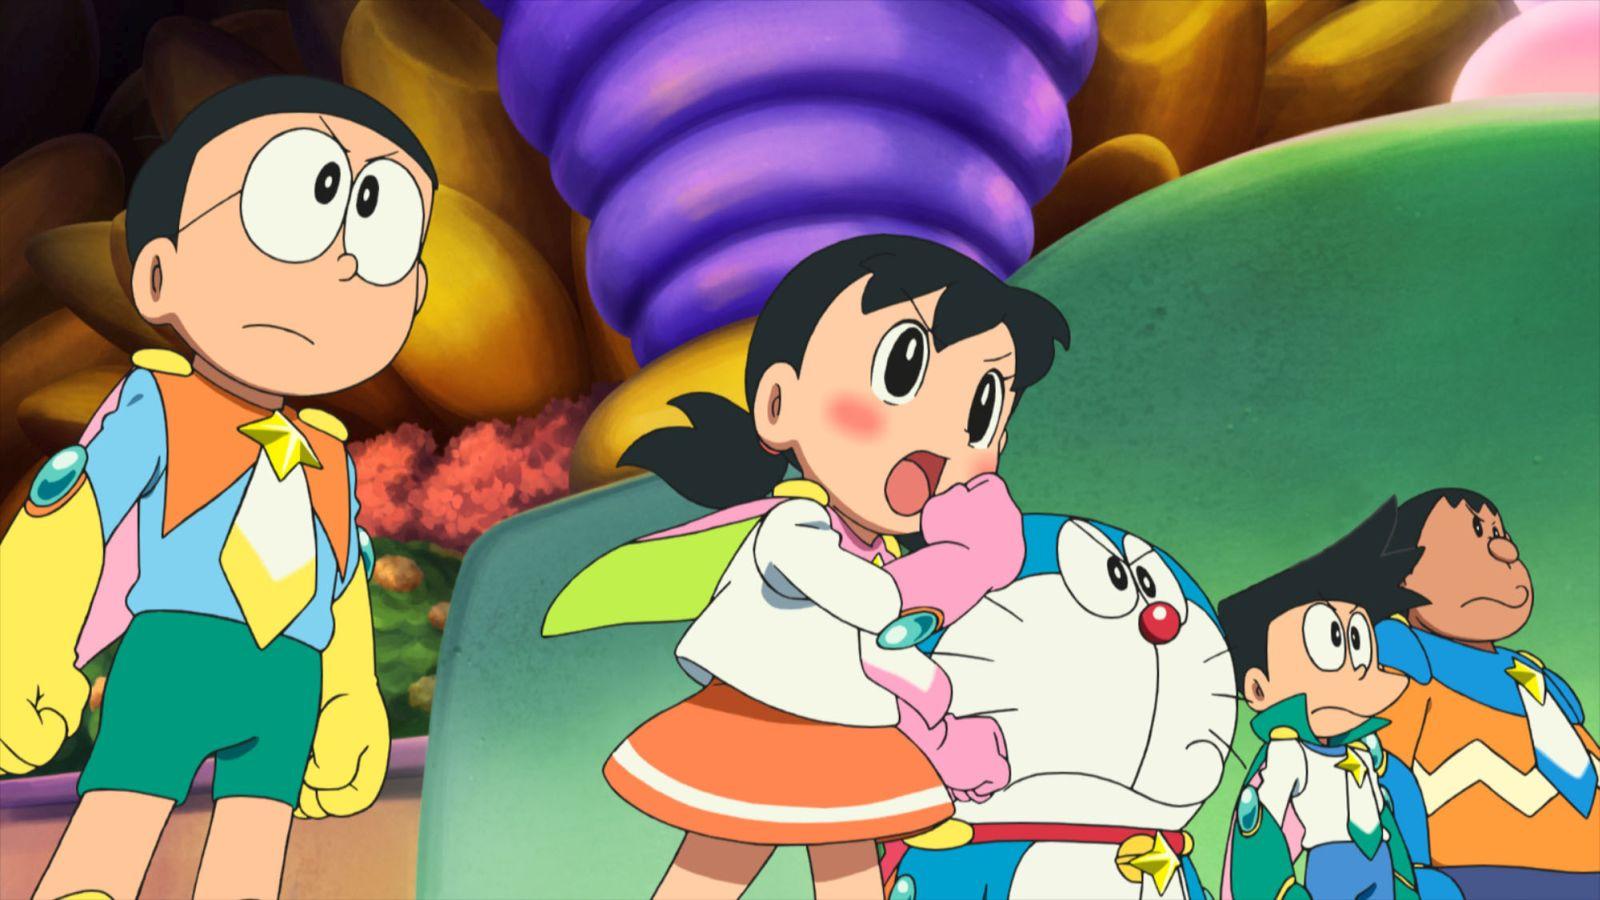 Doraemon il film: Nobita e gli eroi dello spazio, una scena tratta dal film animato